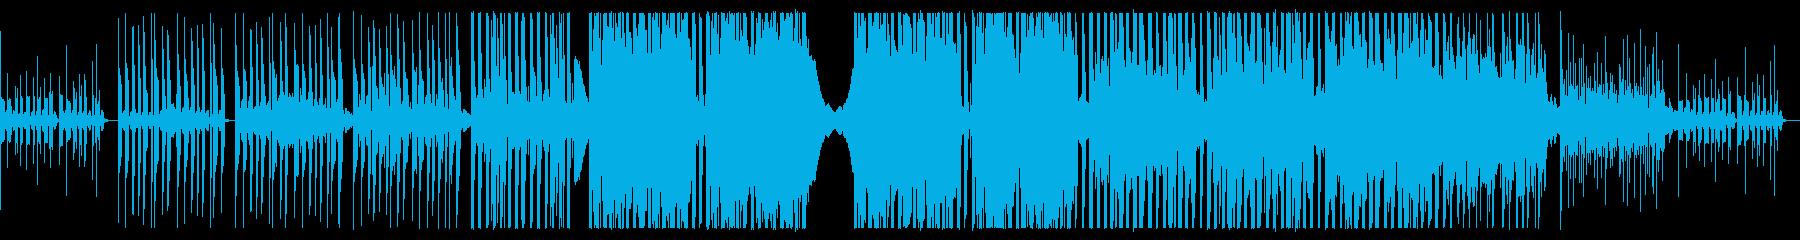 KANT_無機質BGM200601の再生済みの波形